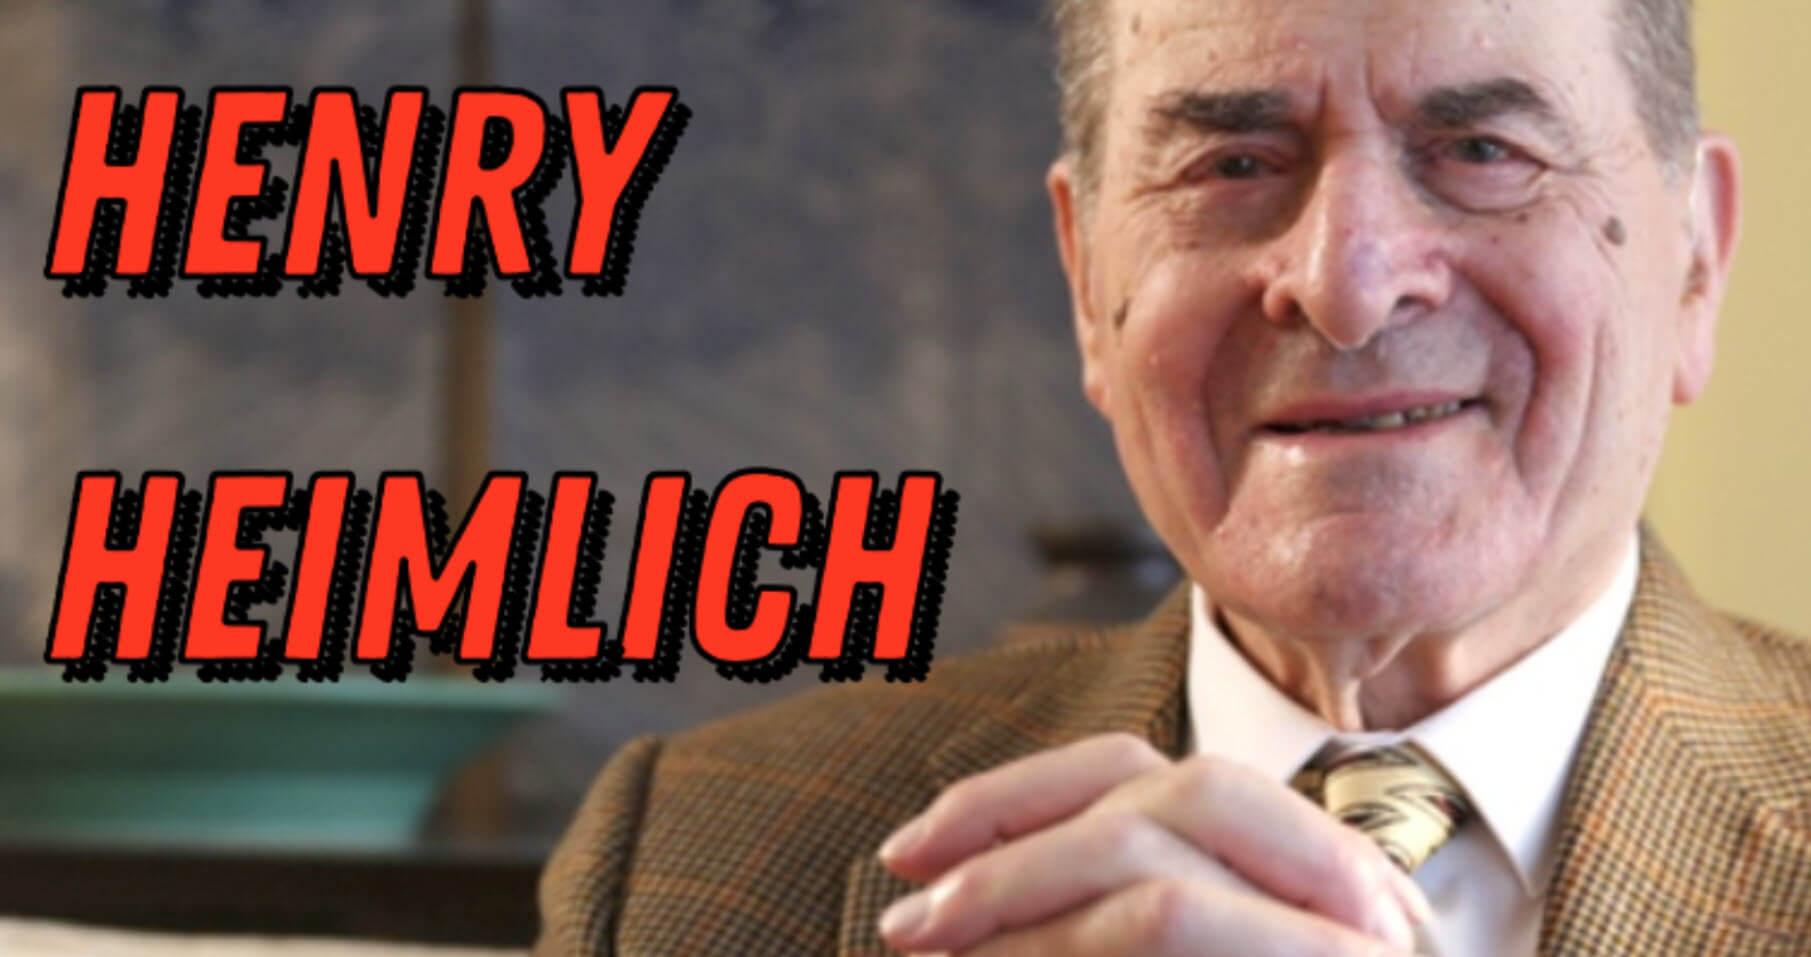 Henry Heimlich Biography - Inventor of the Heimlich Maneuver